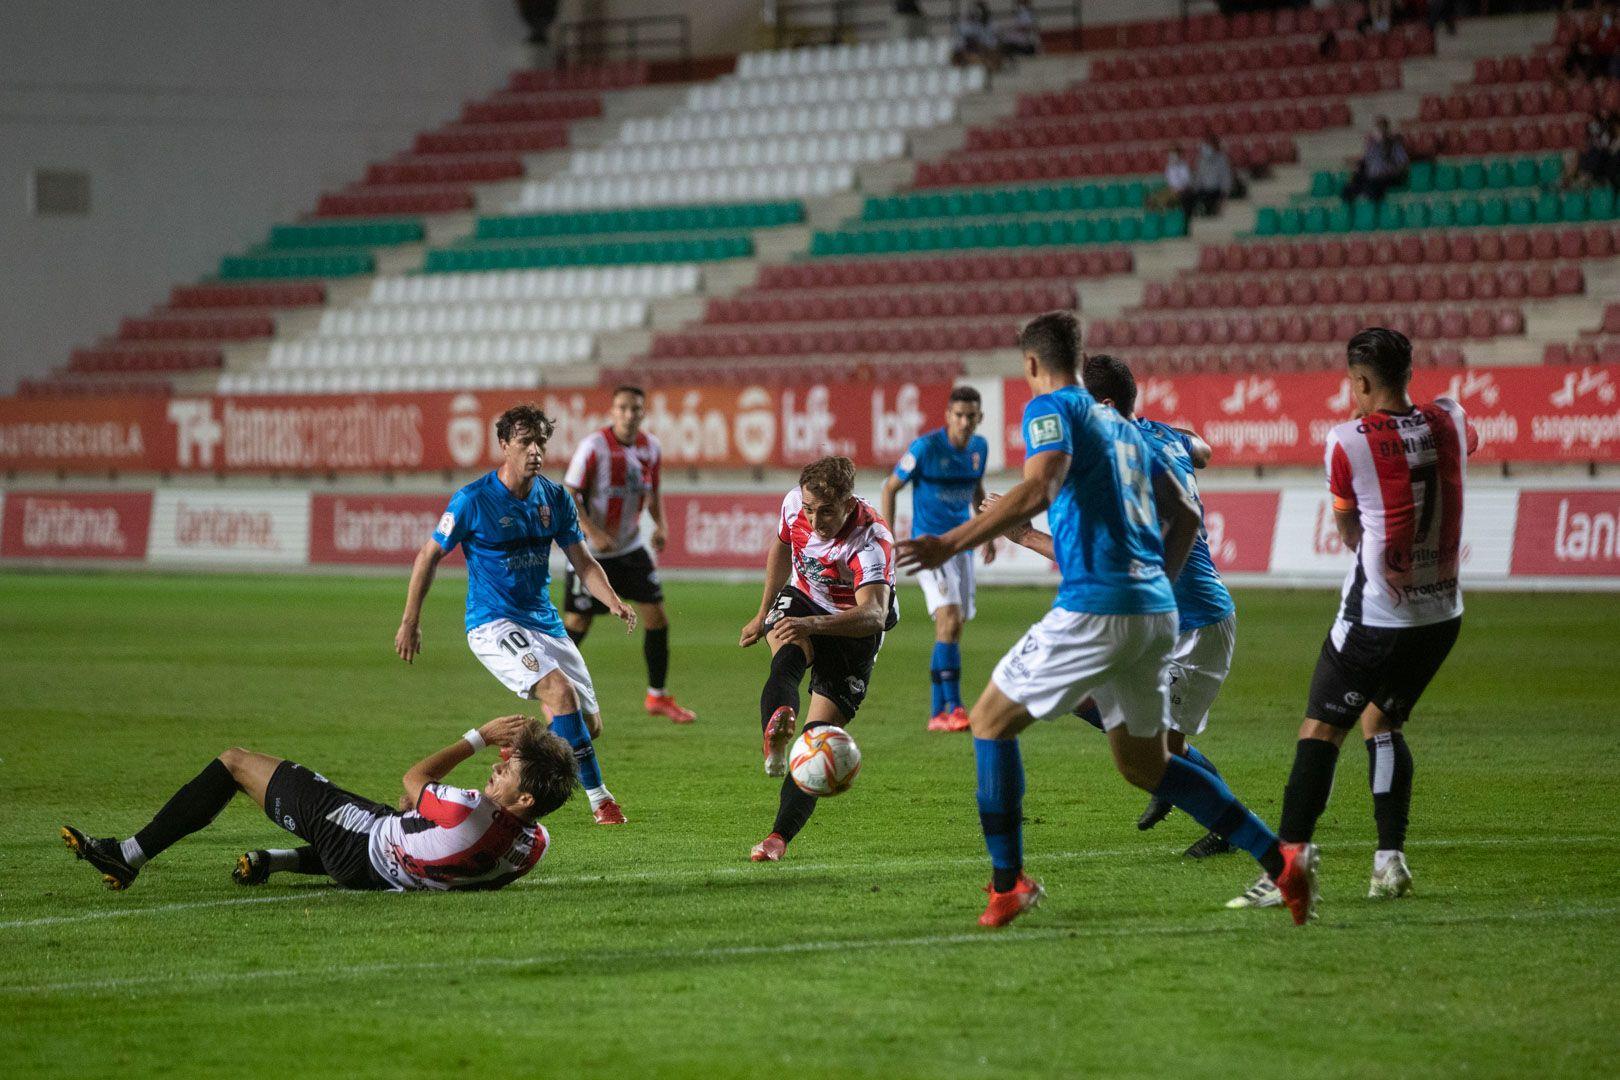 GALERÍA| Las mejores imágenes del partido entre el Zamora CF y el Logroñés